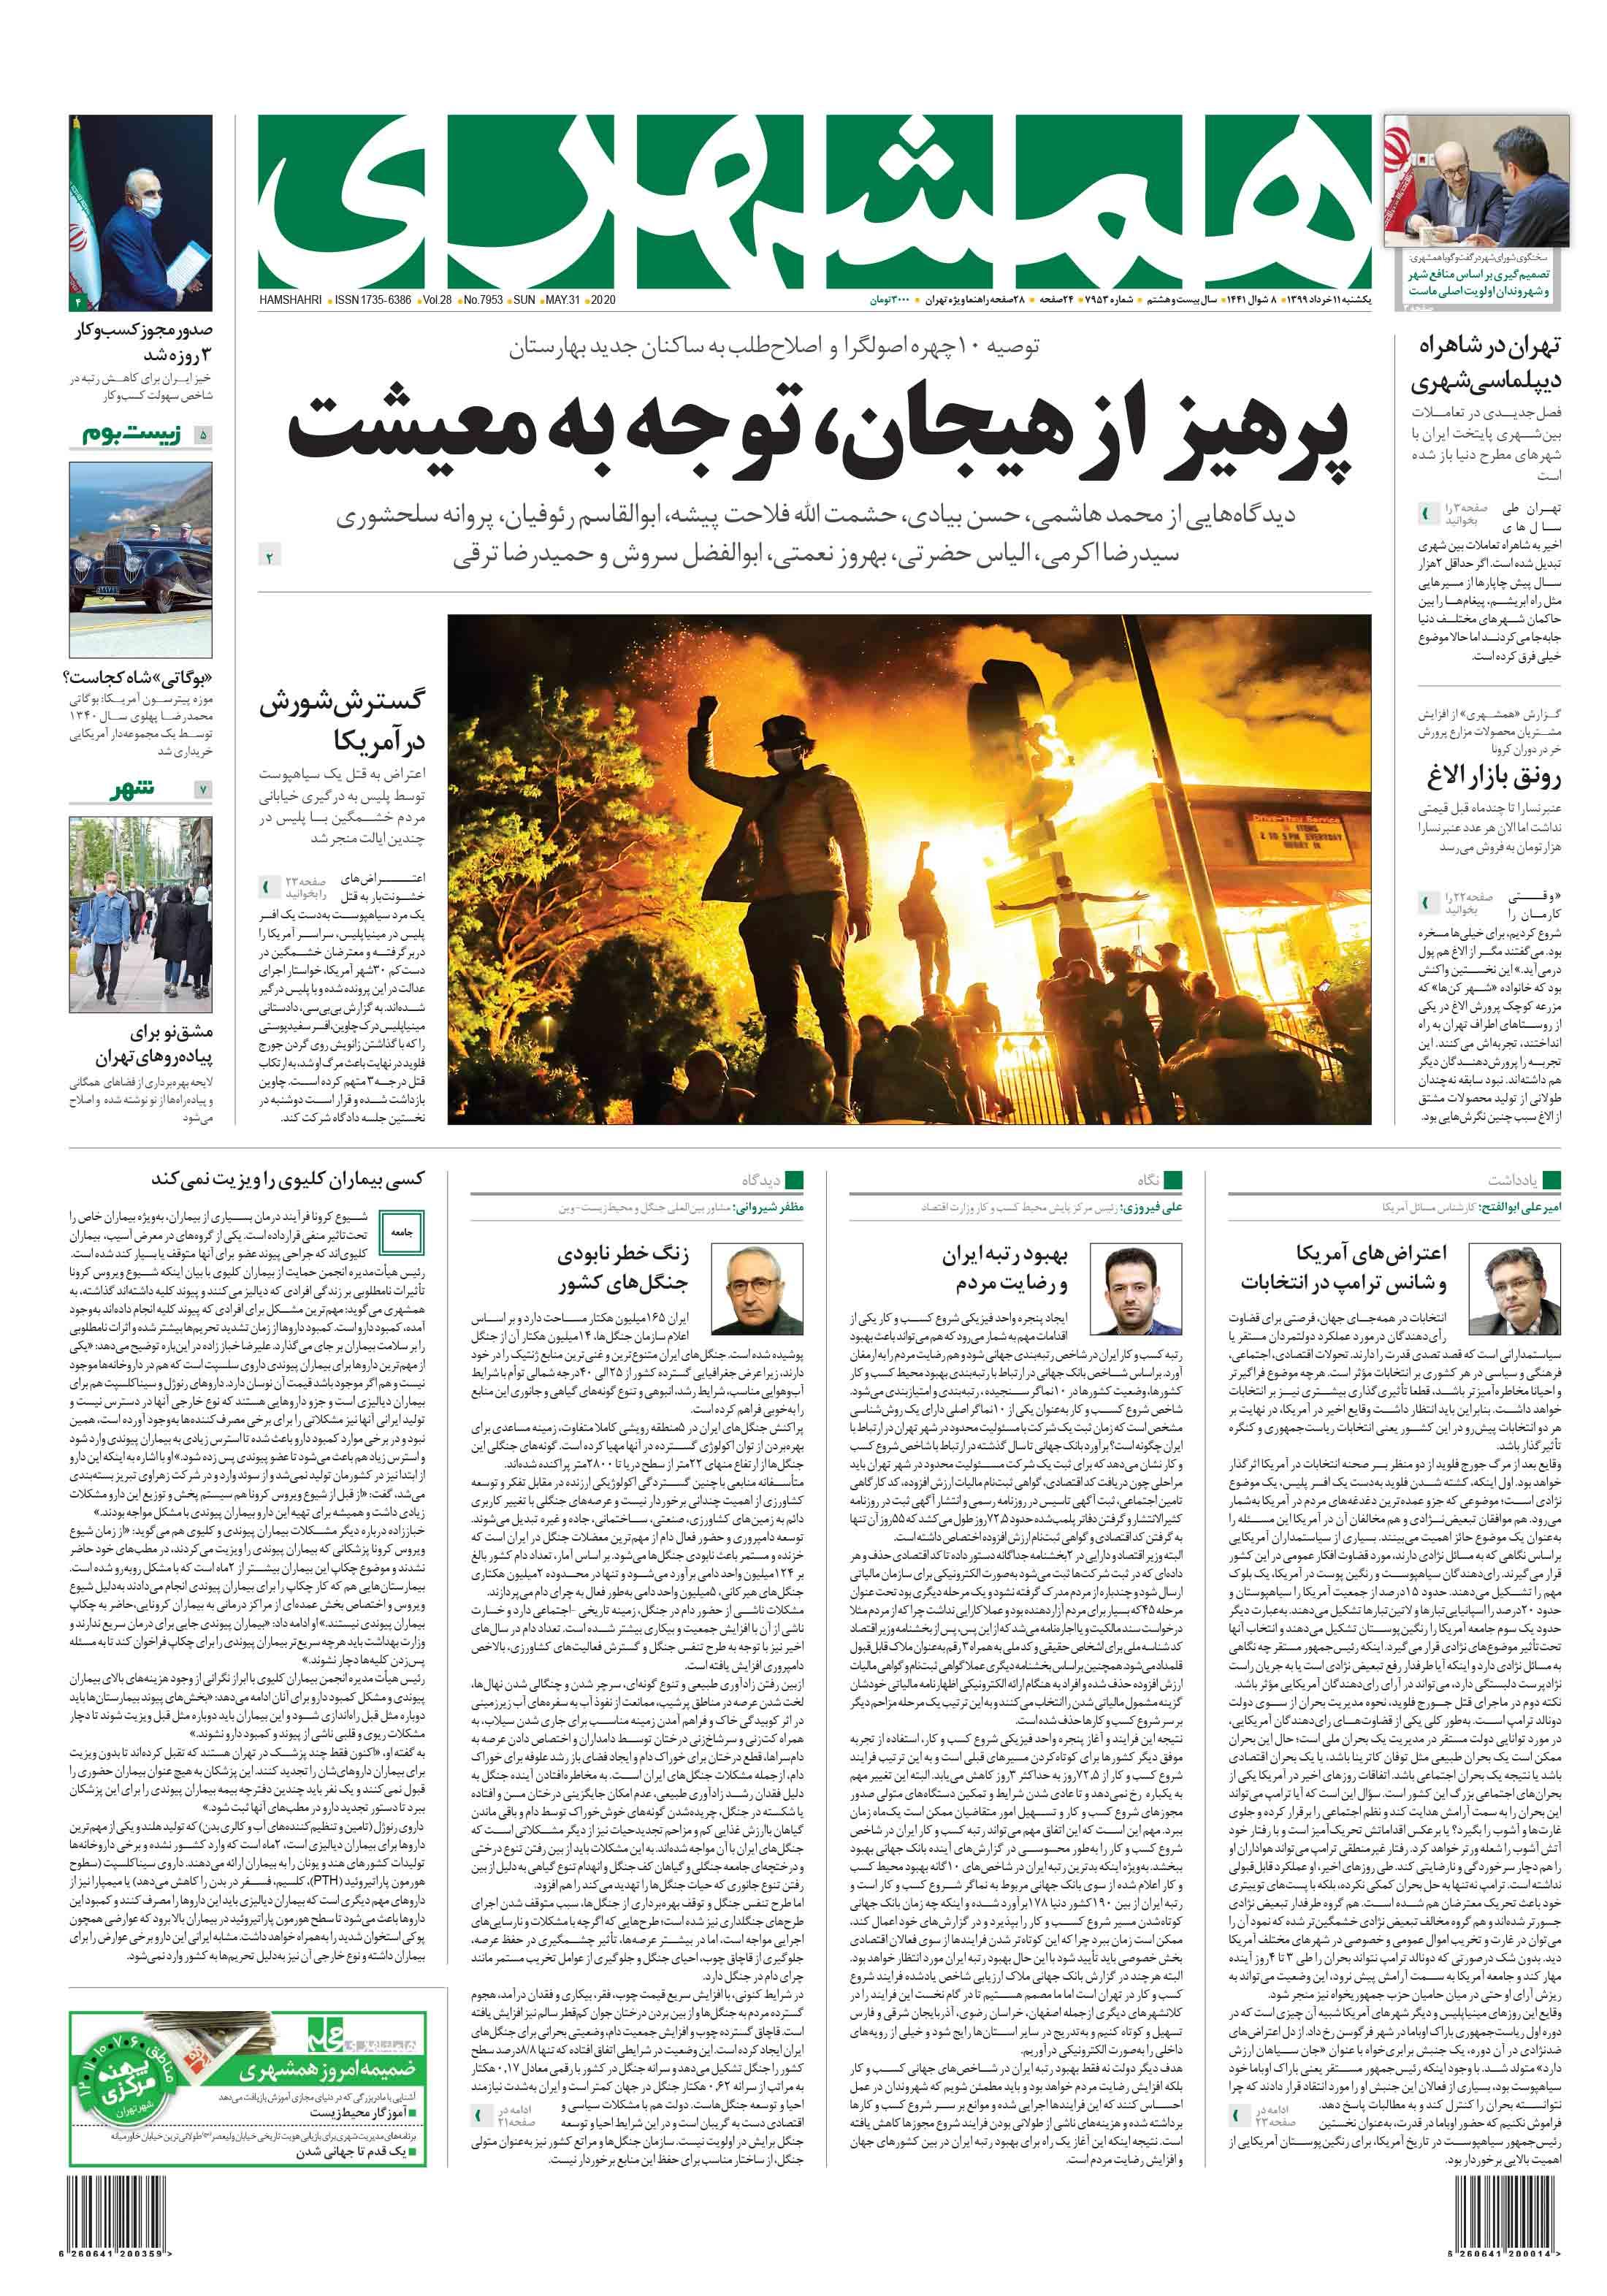 صفحه اول یکشنبه 11 خرداد 1399